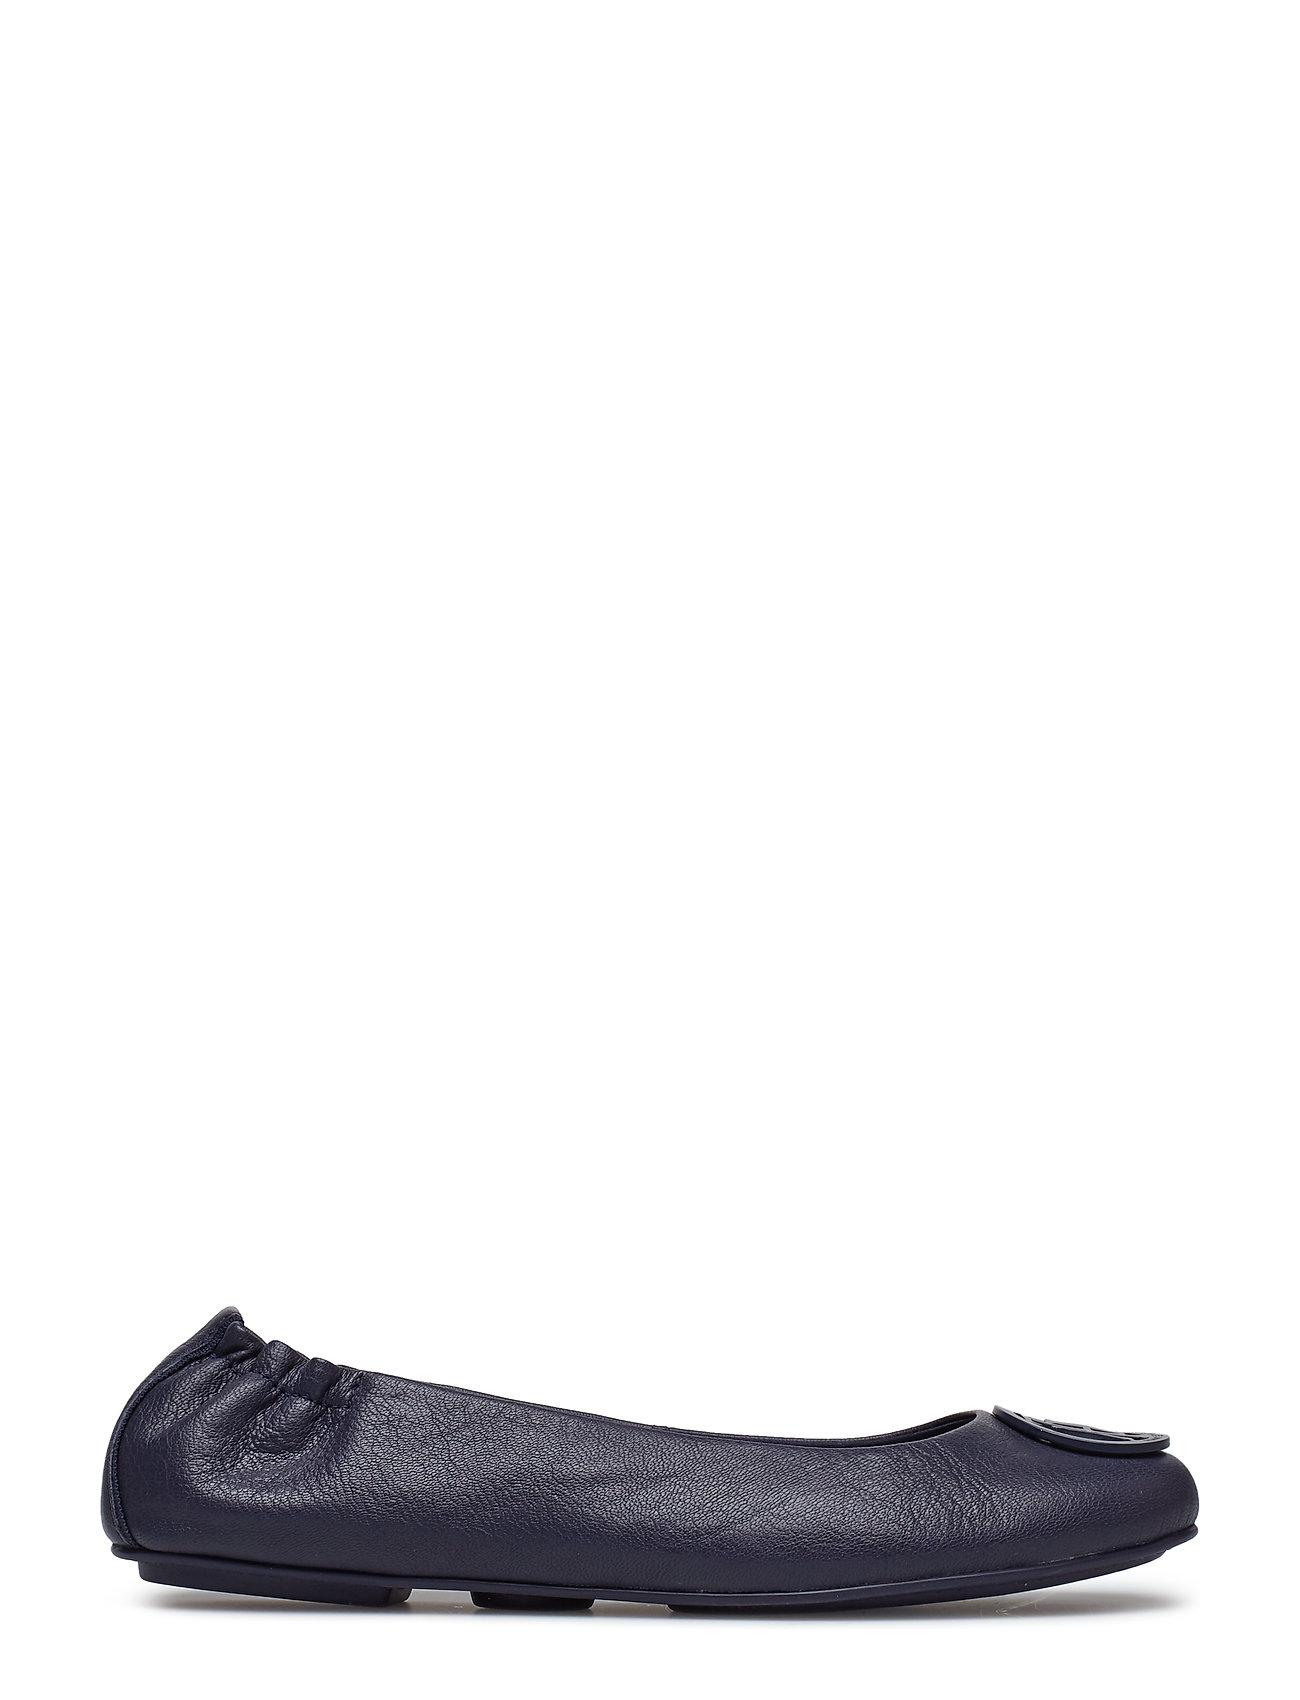 f8958f91d8d Tommy Hilfiger ballerina sko – Appleton 18a til dame i Sort - Pashion.dk